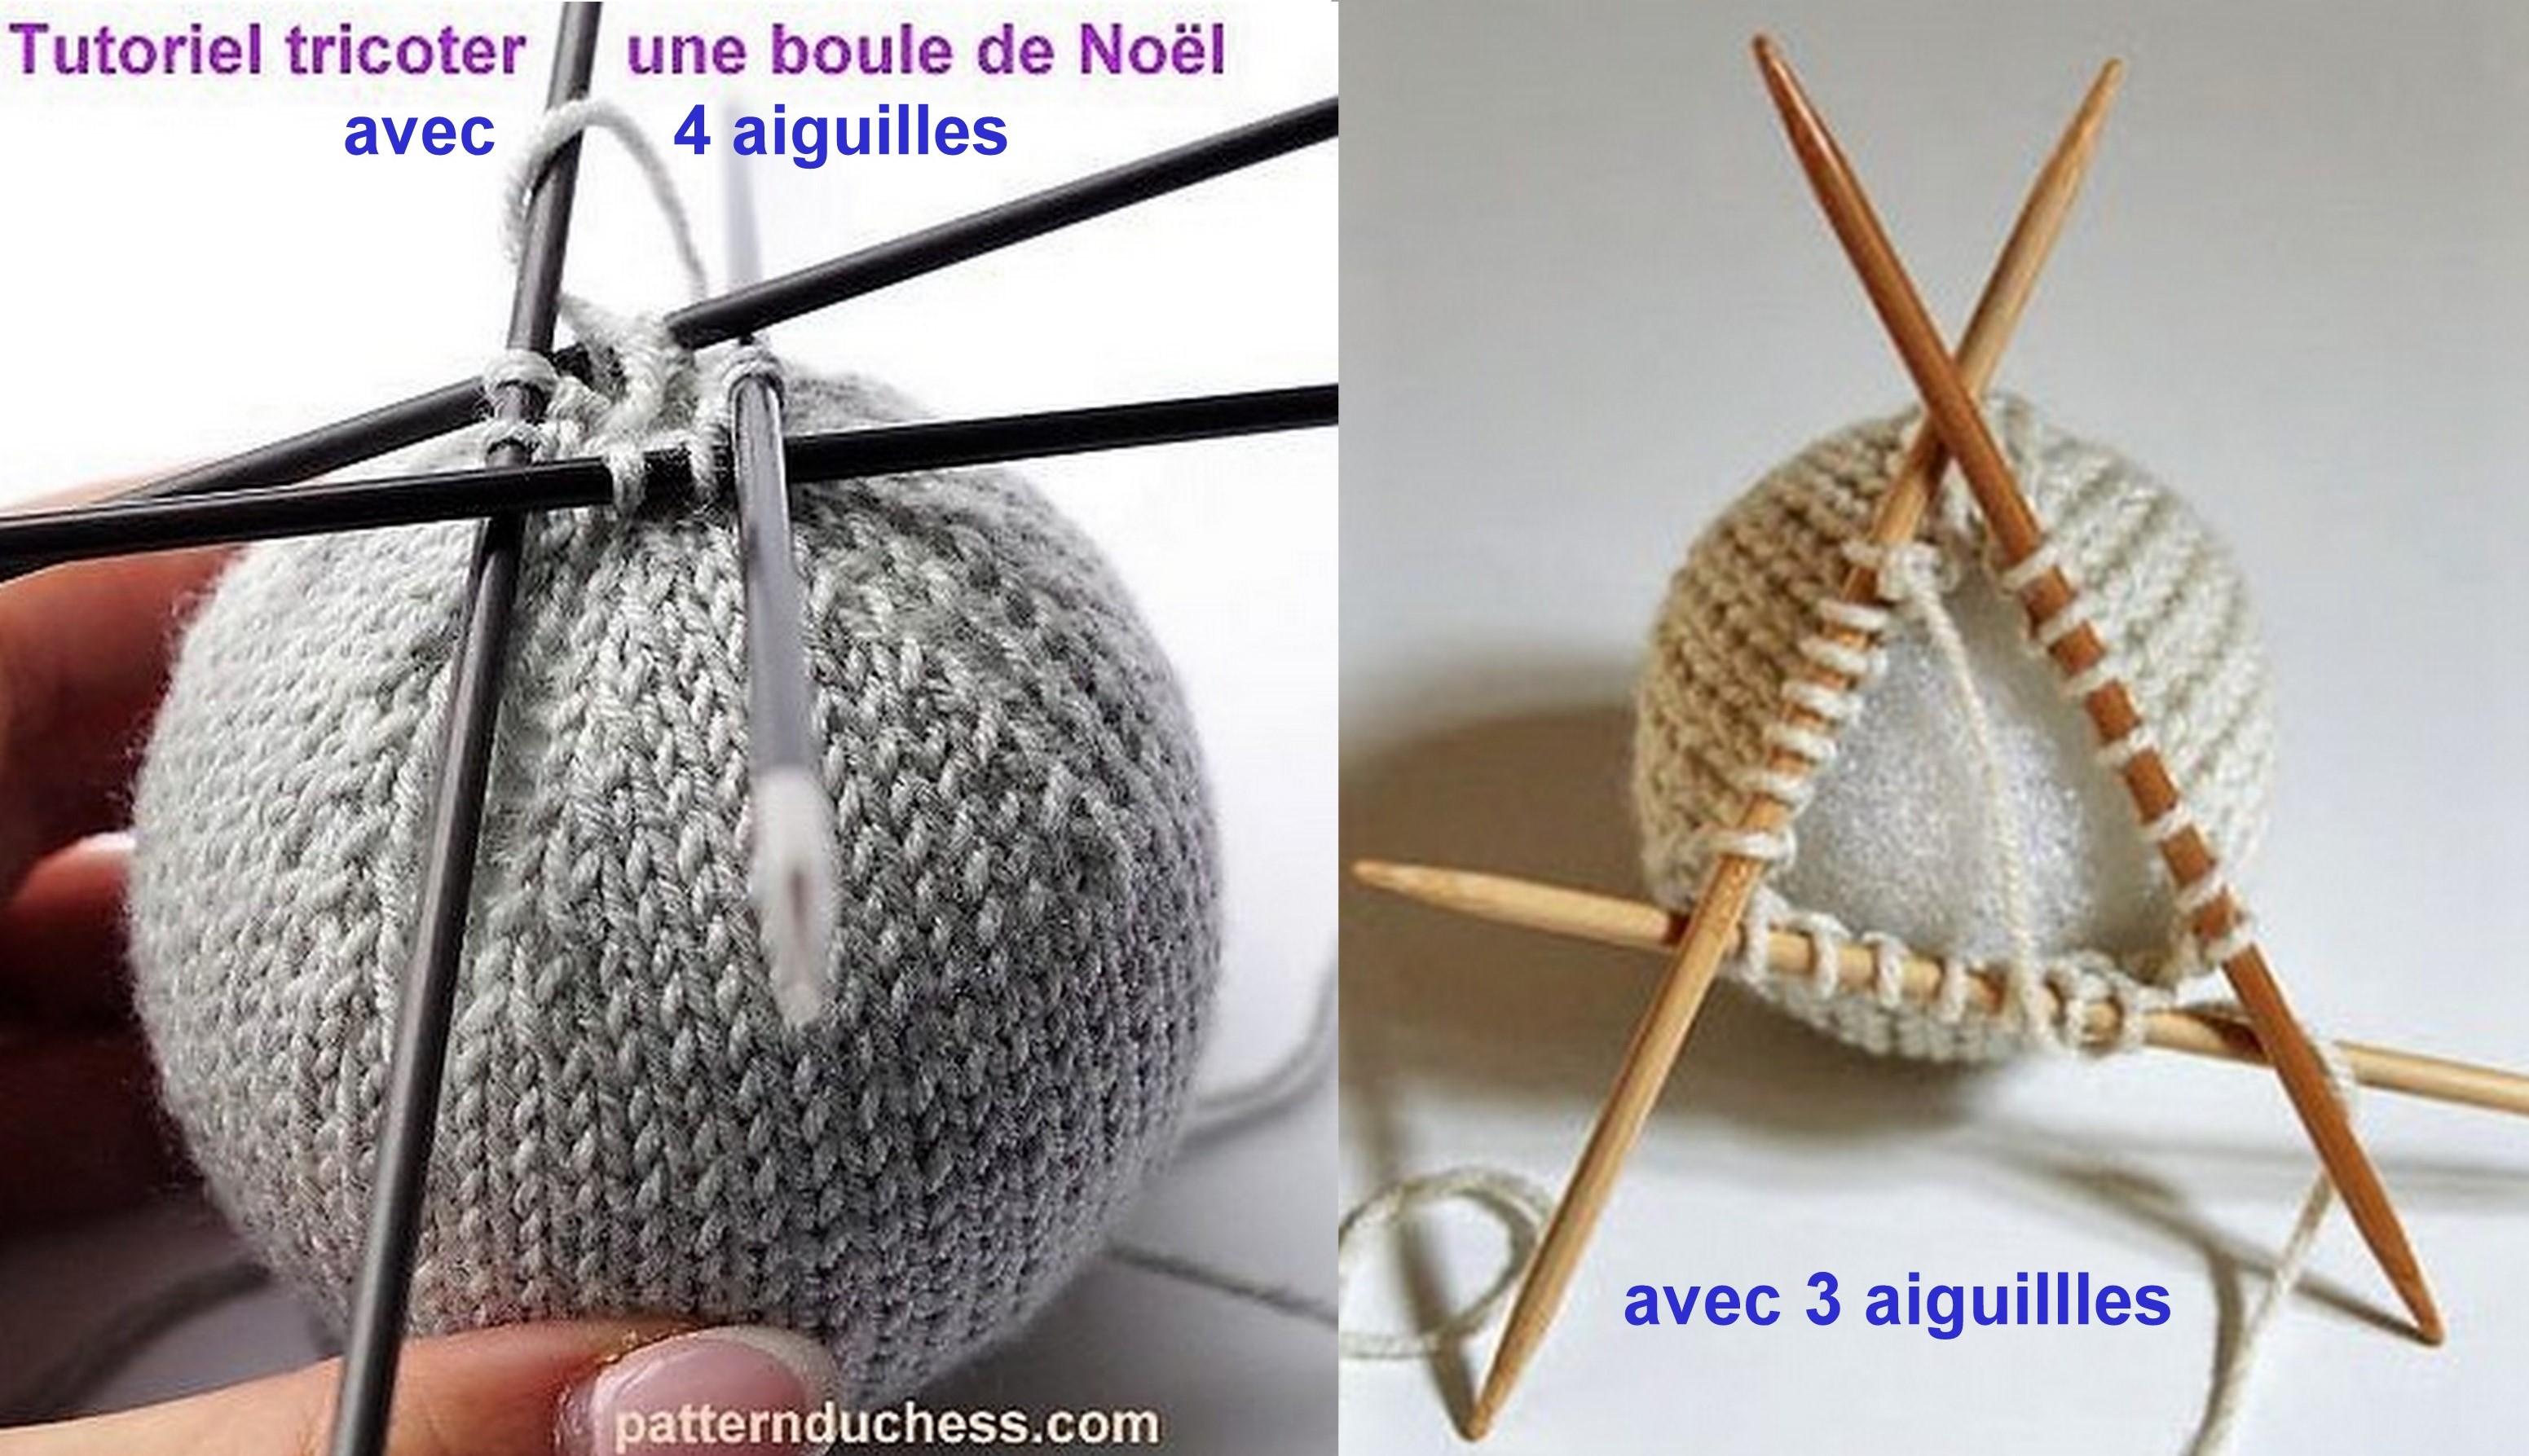 Tricoter des boules de Noël, modèles et tutos